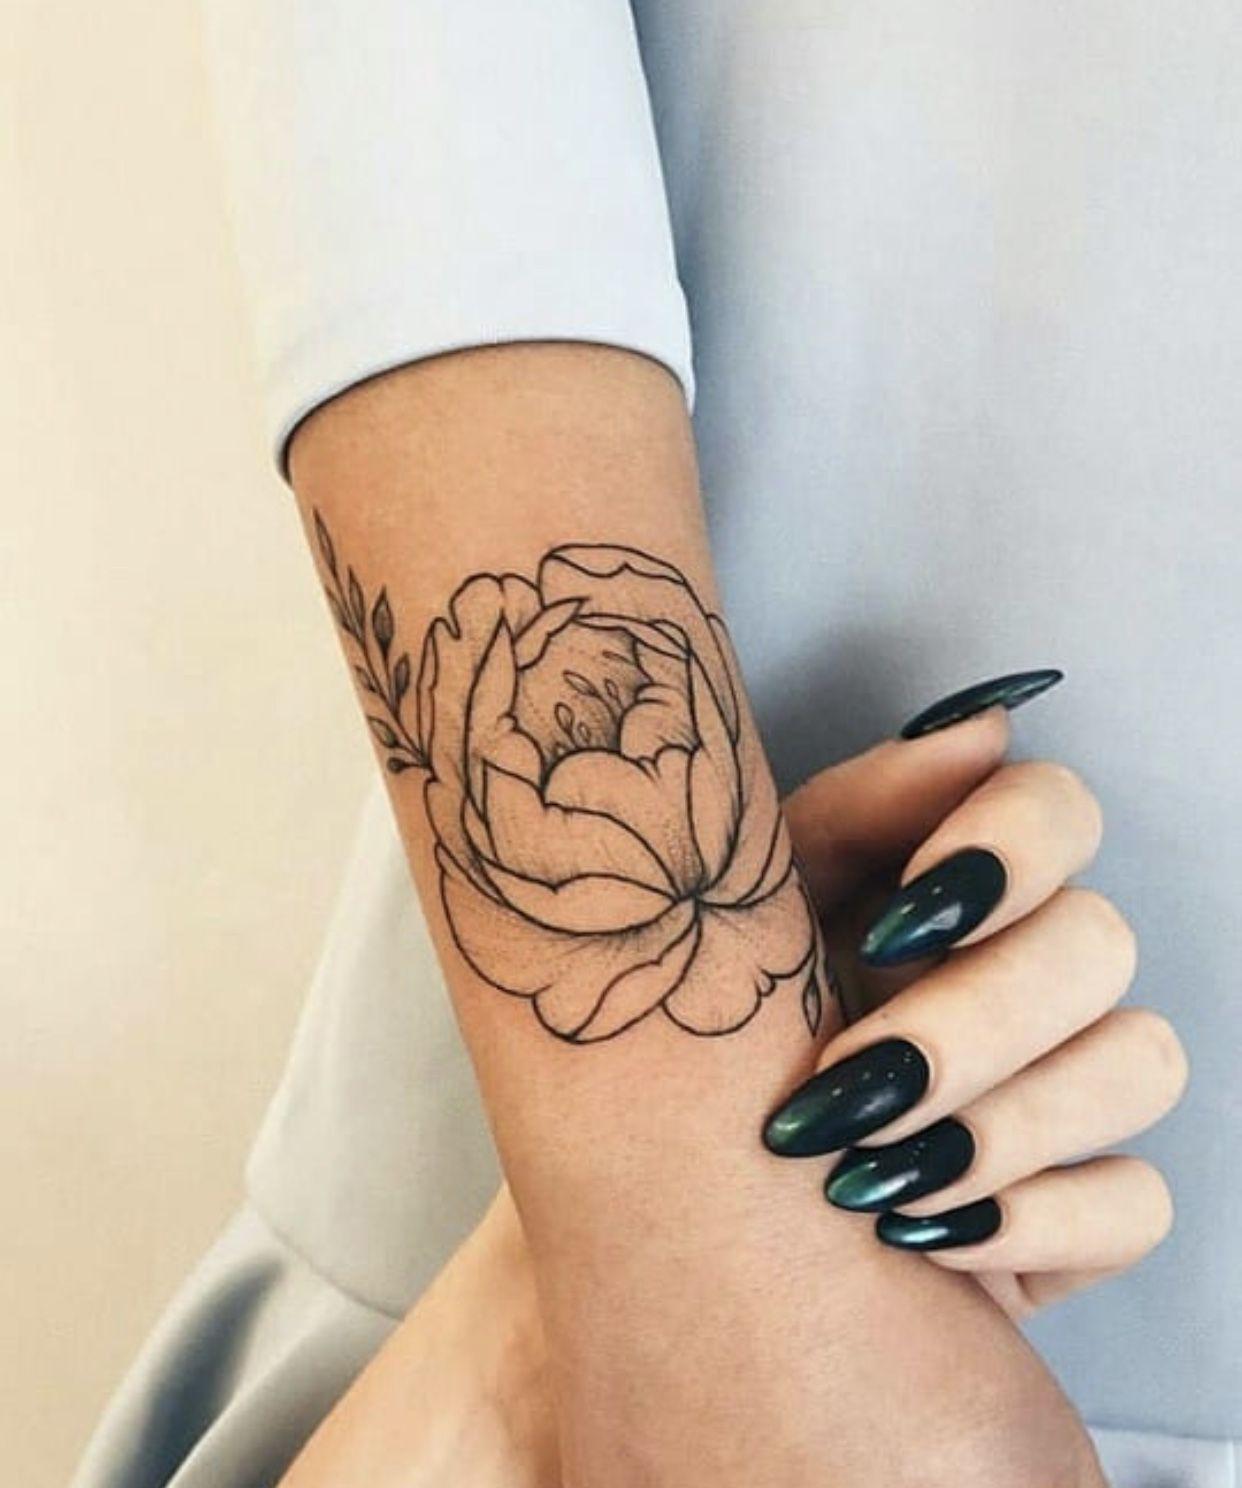 Pin by Kardelen Varol on Tattoo  Pinterest  Tattoo Boy tattoos